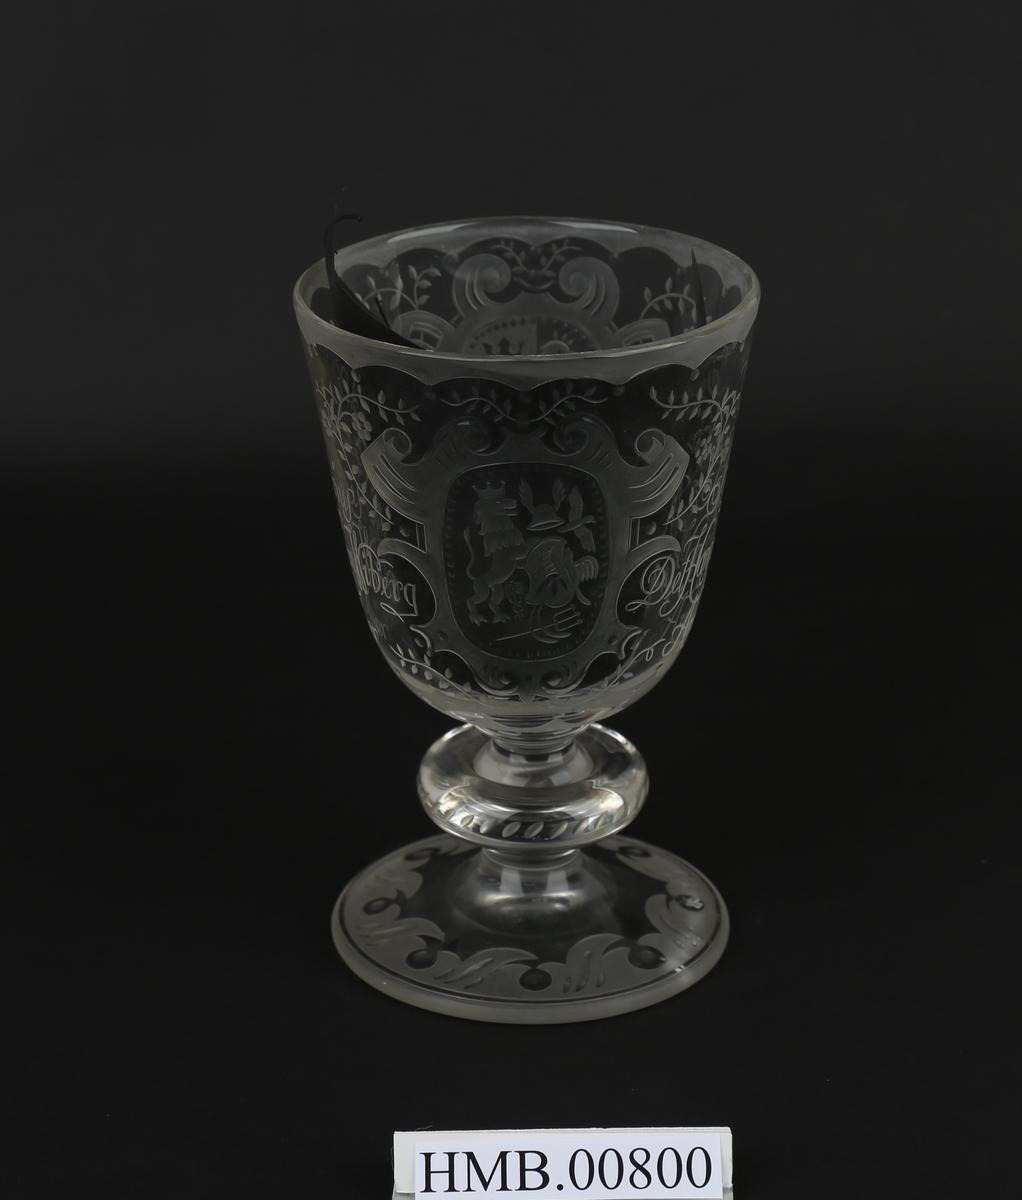 Pokal i glass gitt til daværende direktør ved Det Hanseatiske museum, Christian Koren Wiberg.